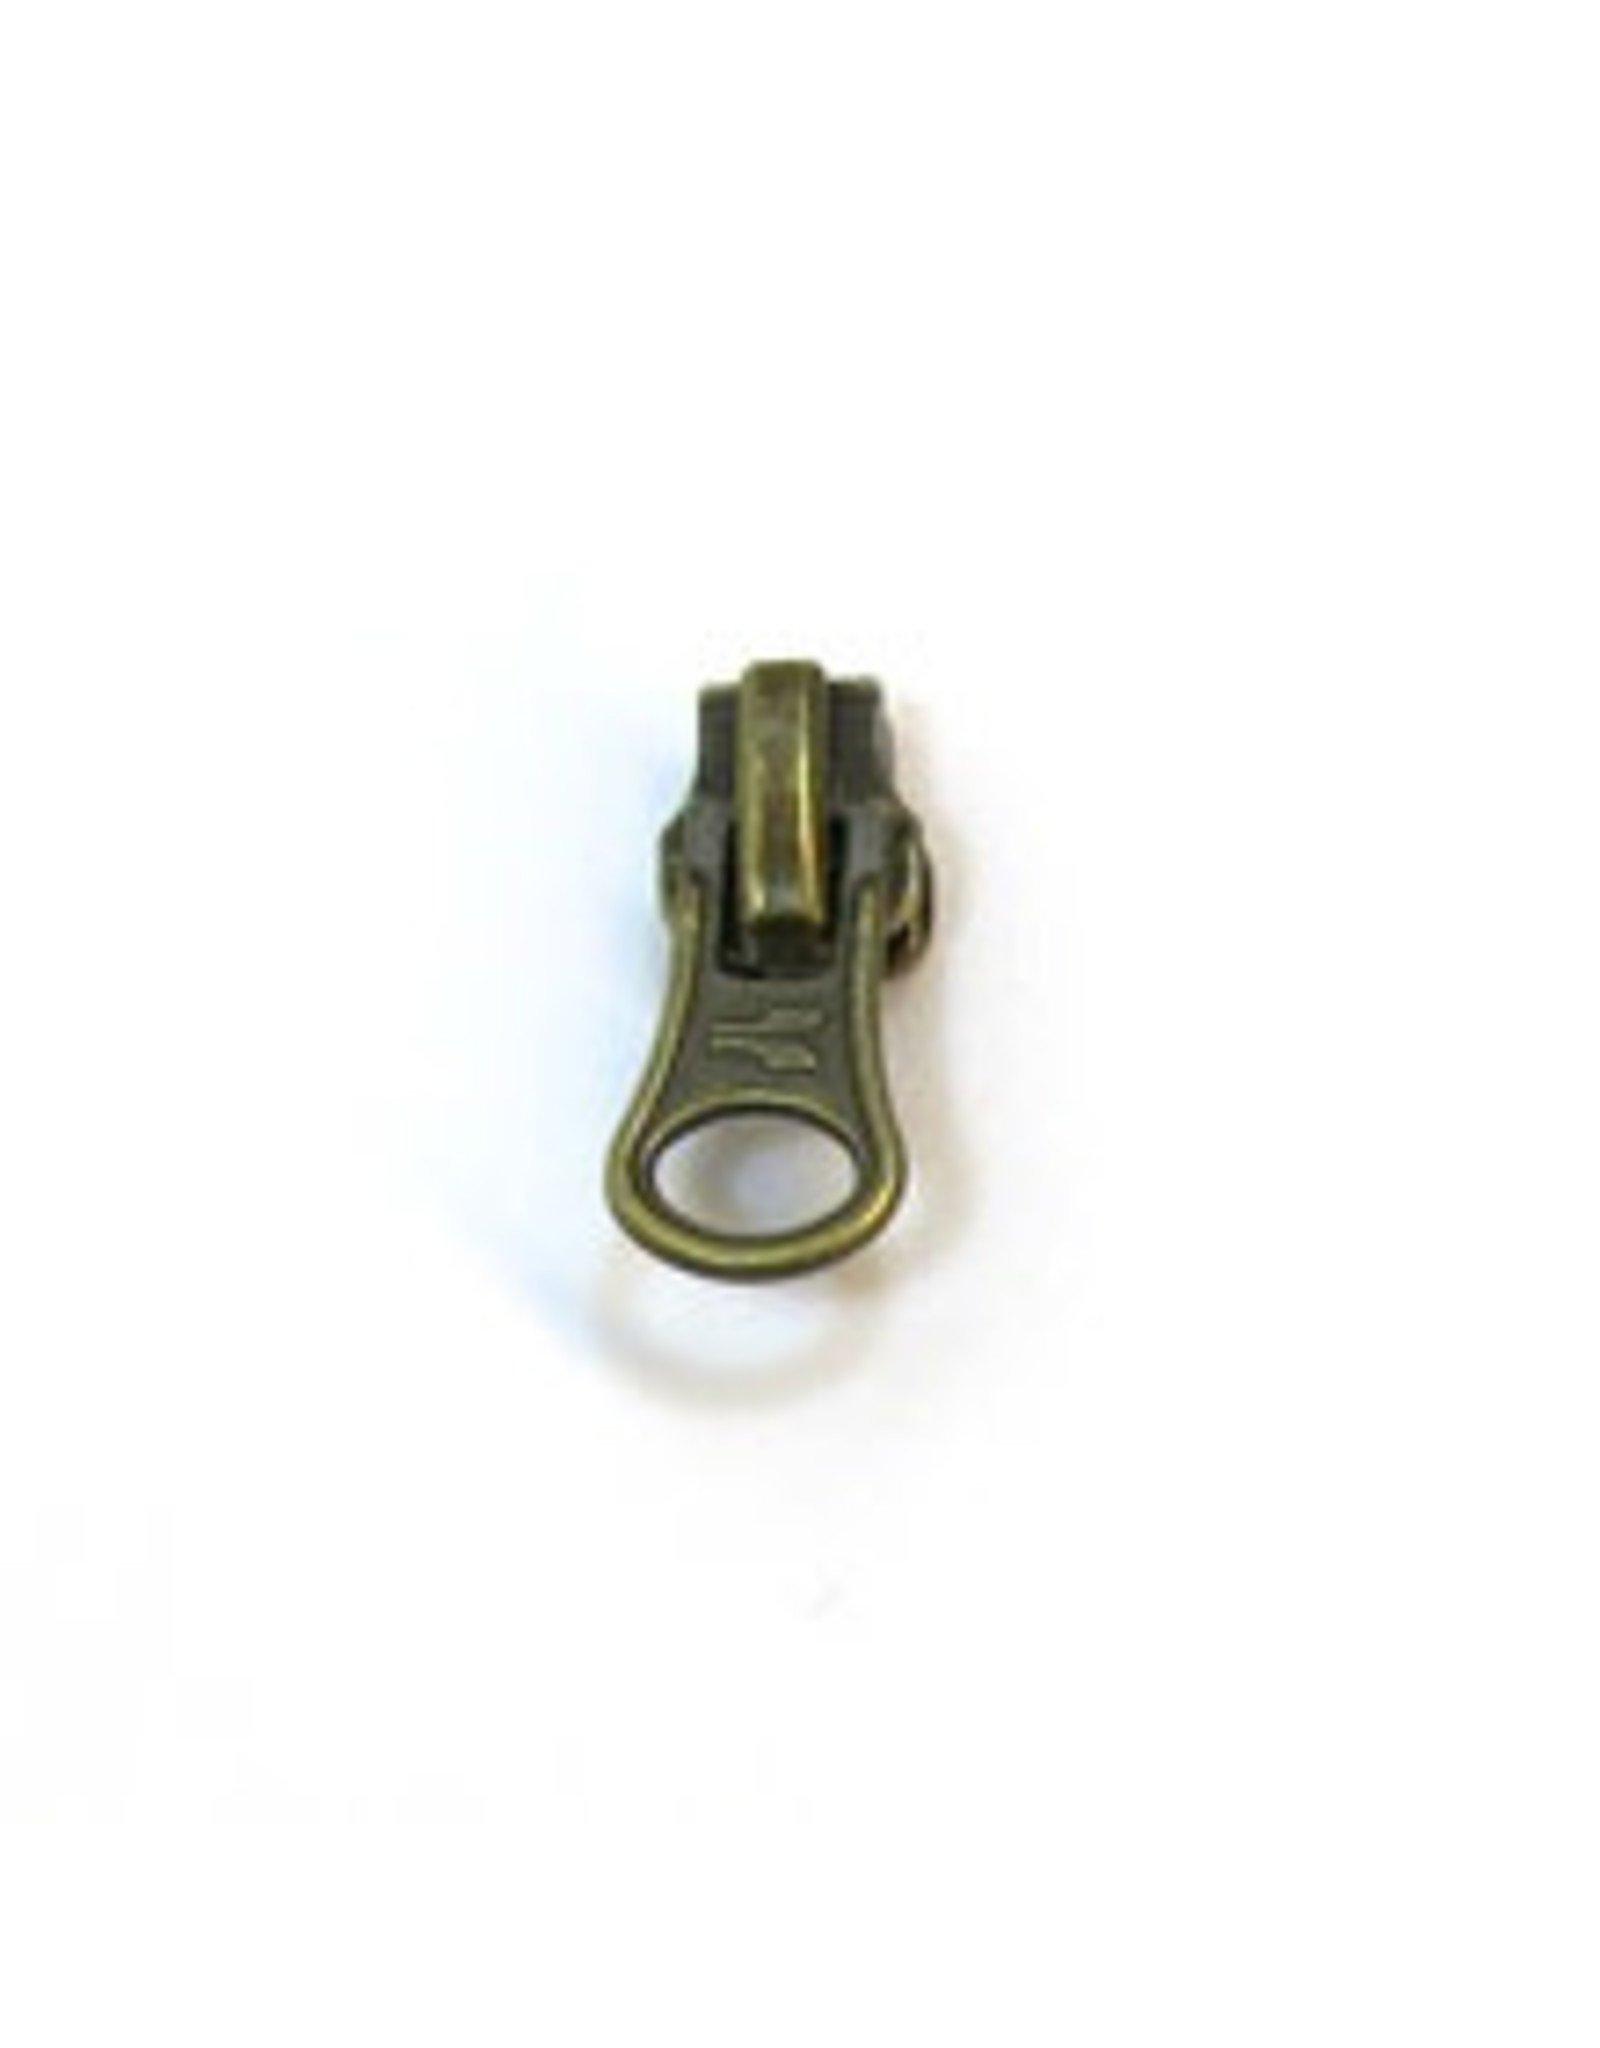 Zipper pull antique brass